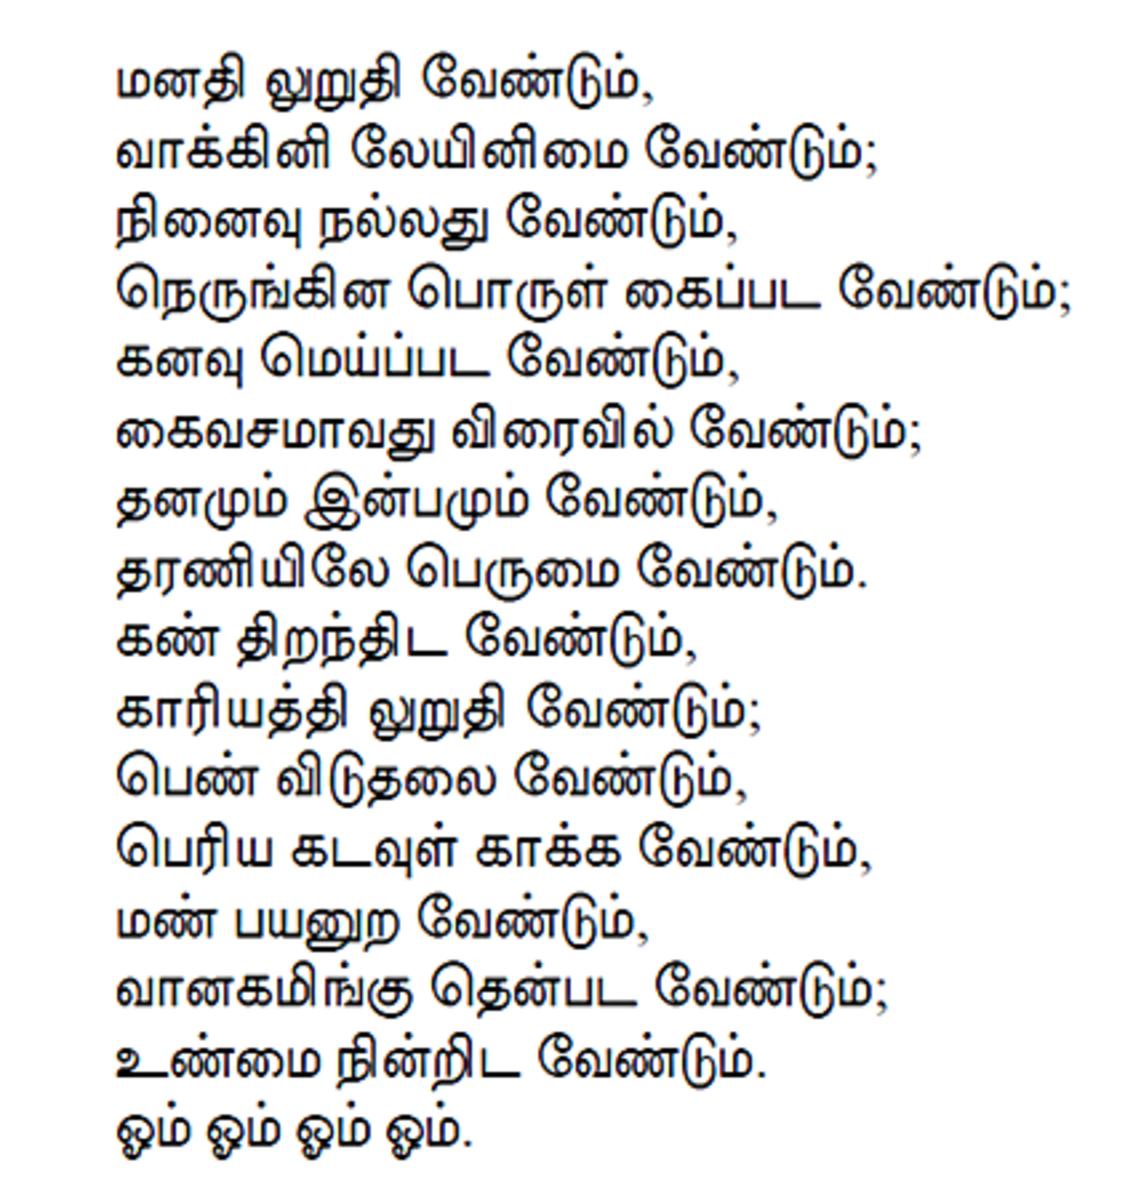 Bharathi's Poem Tamil